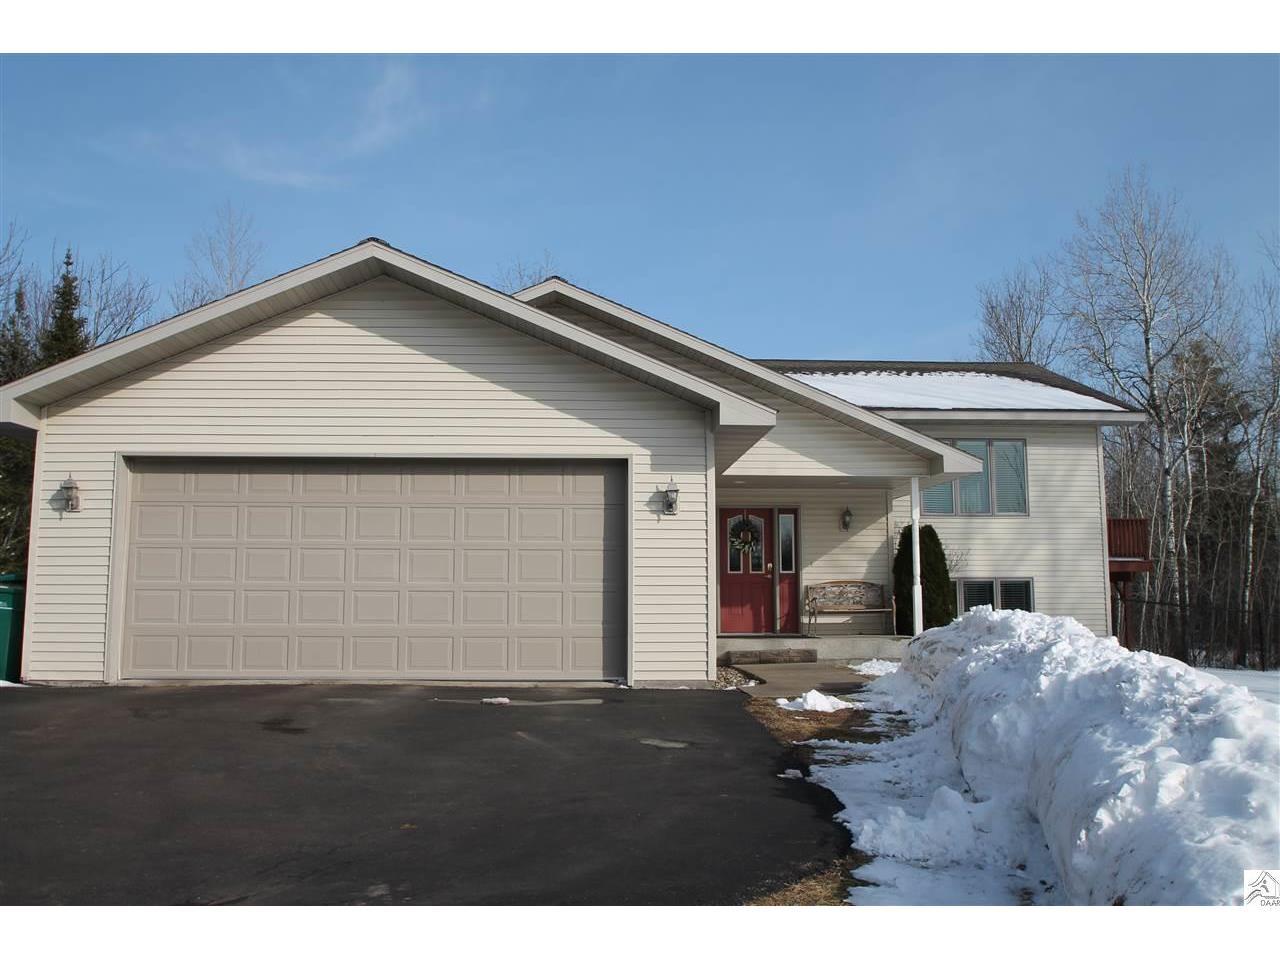 18 X 9 Ft Garage Door Beautiful Home Design